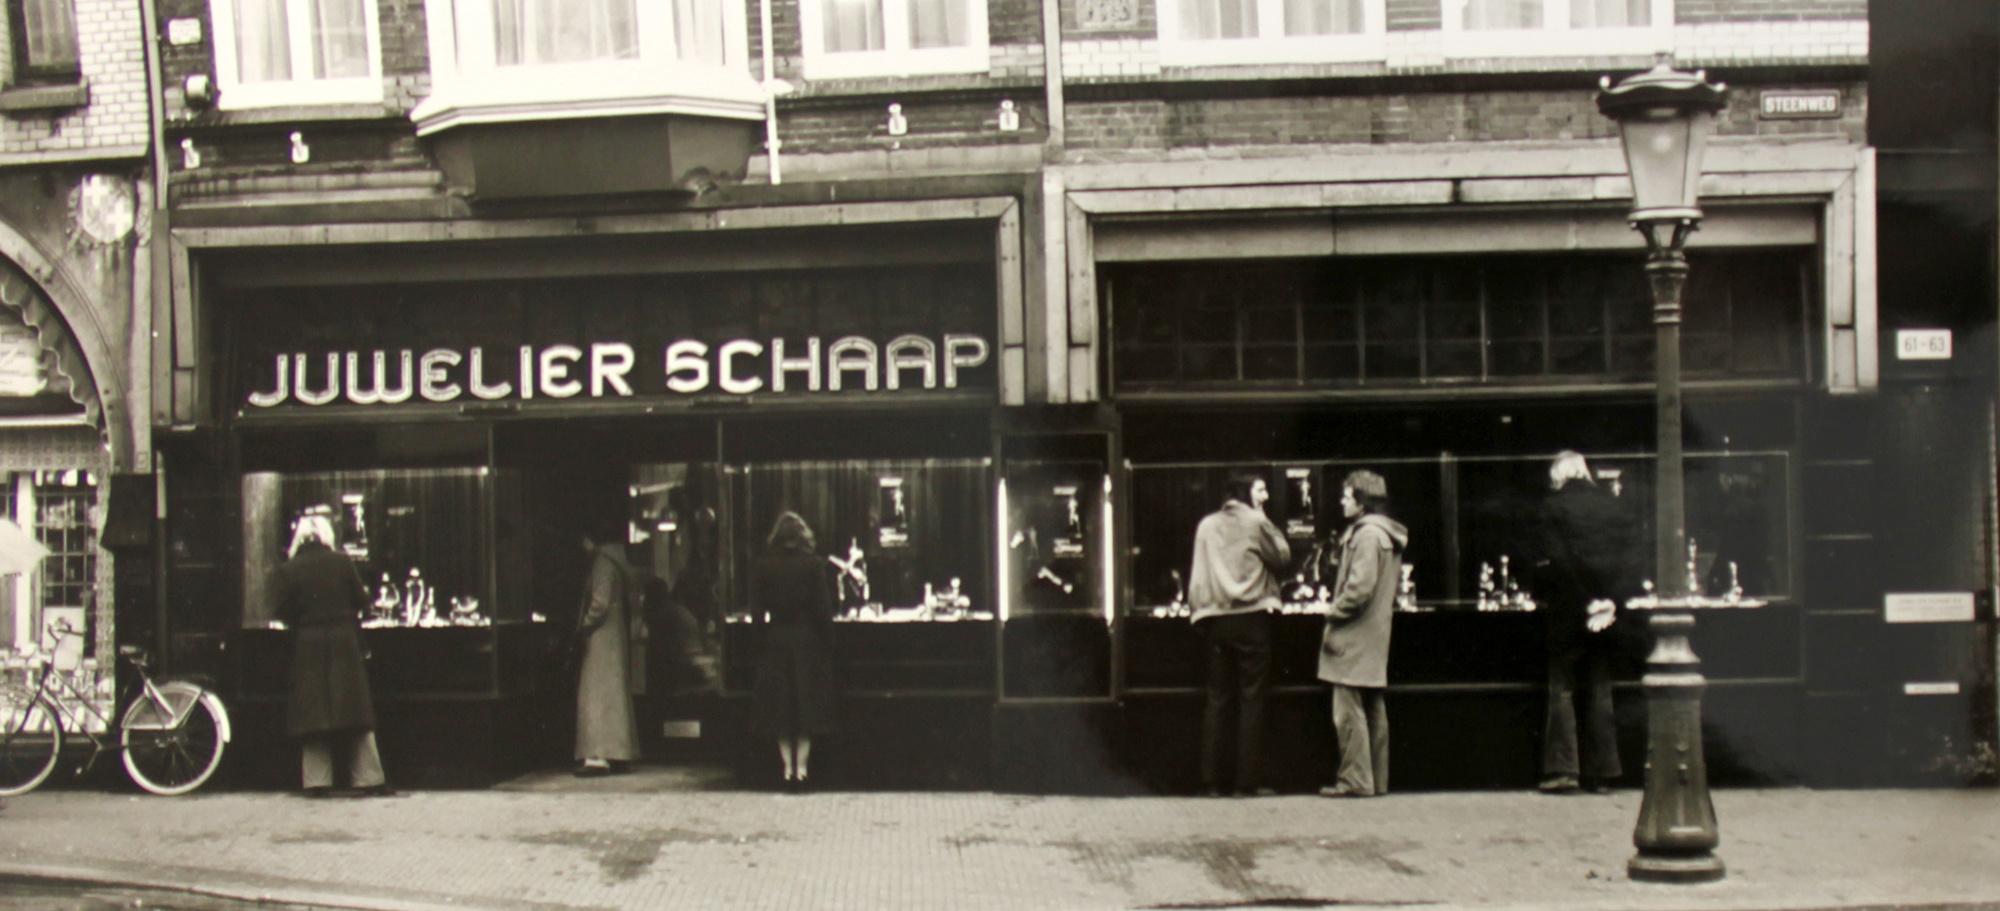 132 jaar Schaap en Citroen! De rijke historie en brede ervaring van ons juweliershuis.